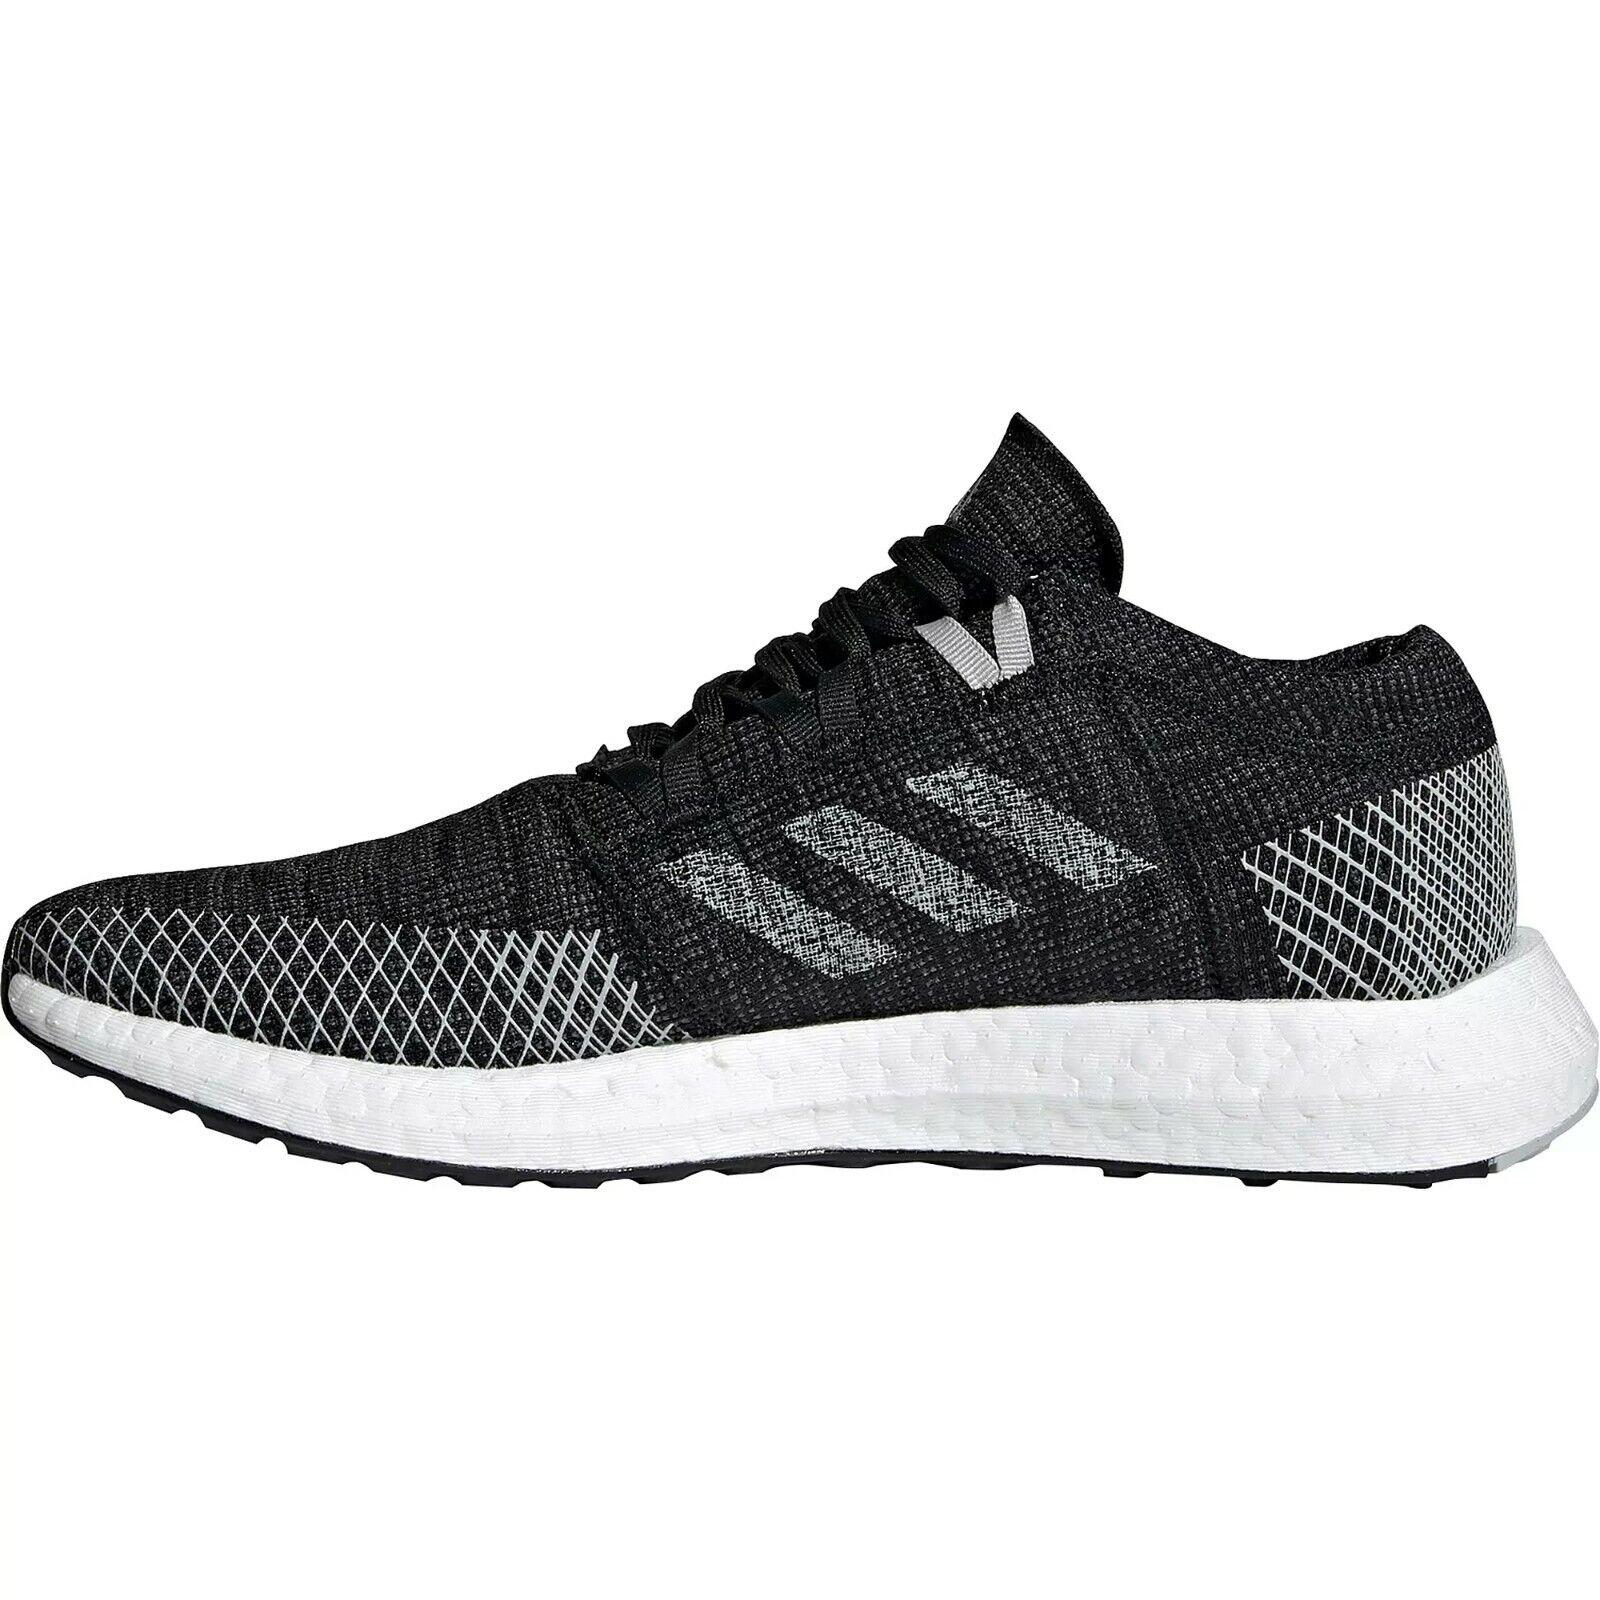 Adidas PureBOOST GO, Herren Laufschuhe/Sneaker, schwarz, Größe: 43 1/3, NEU